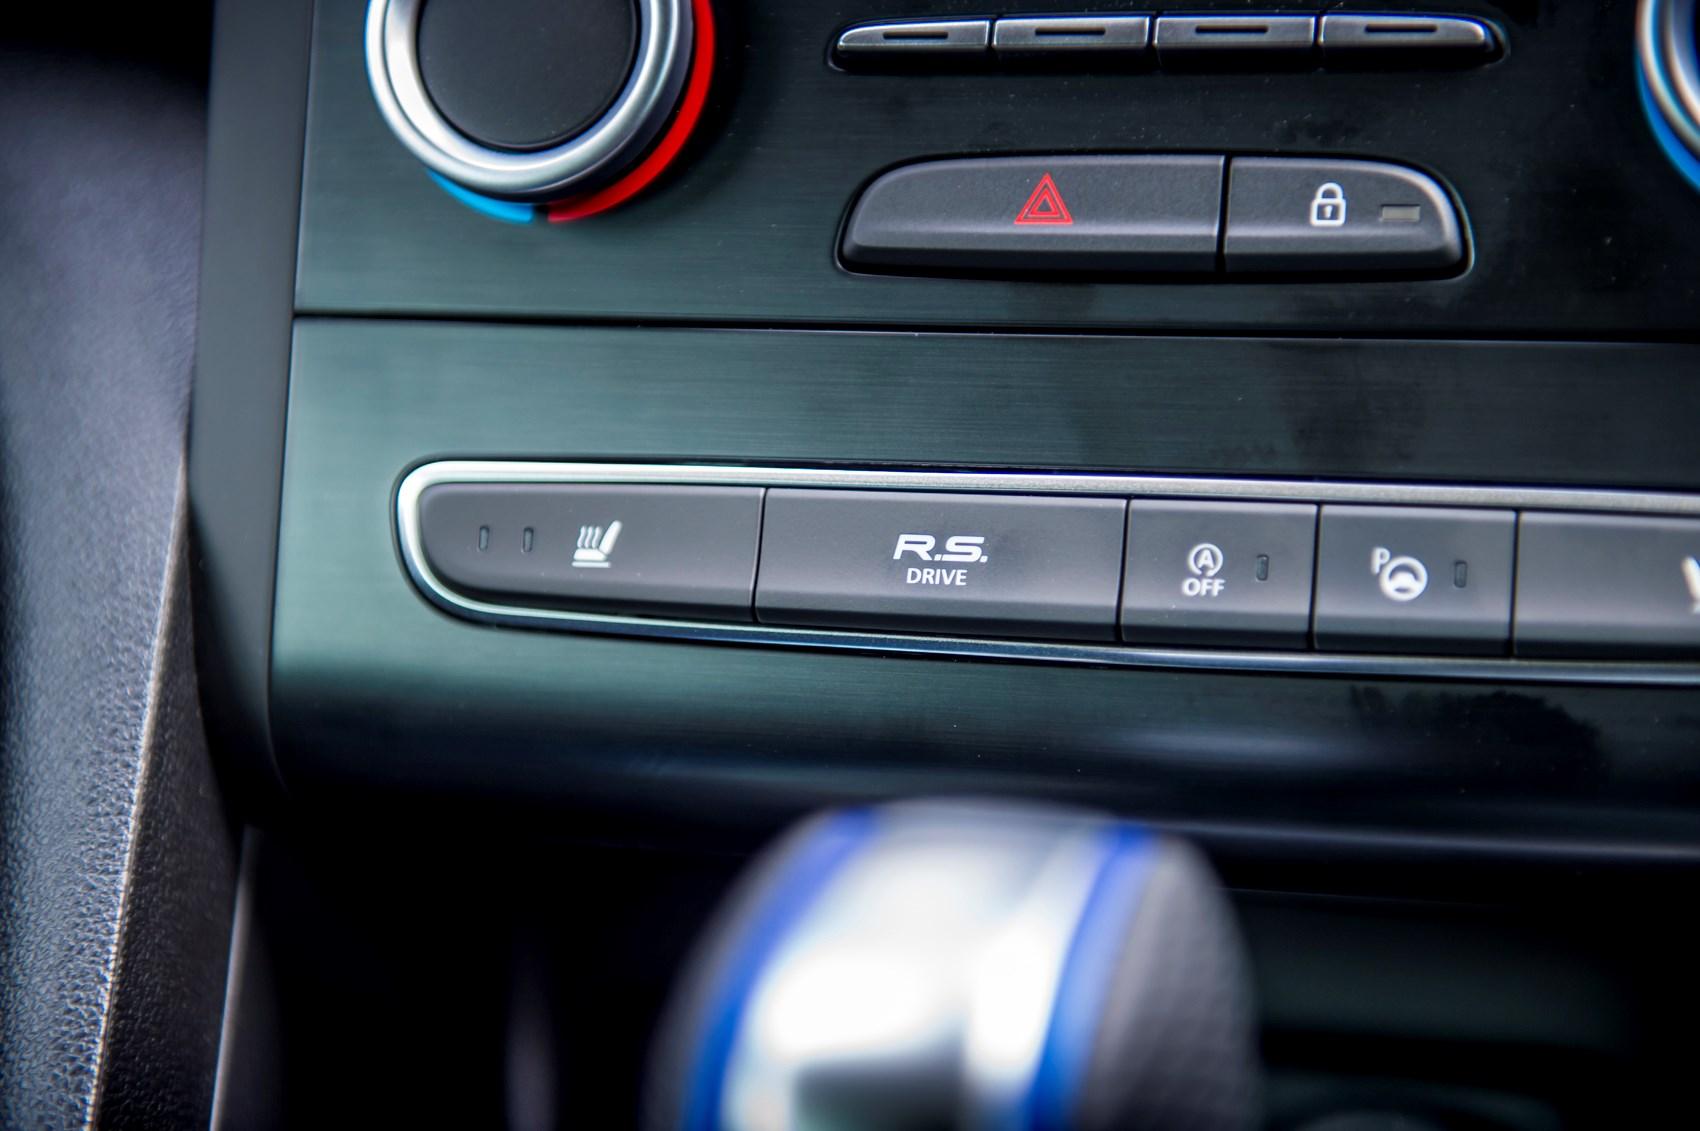 Renault Megane (2019) Interior Layout, Dashboard & Infotainment